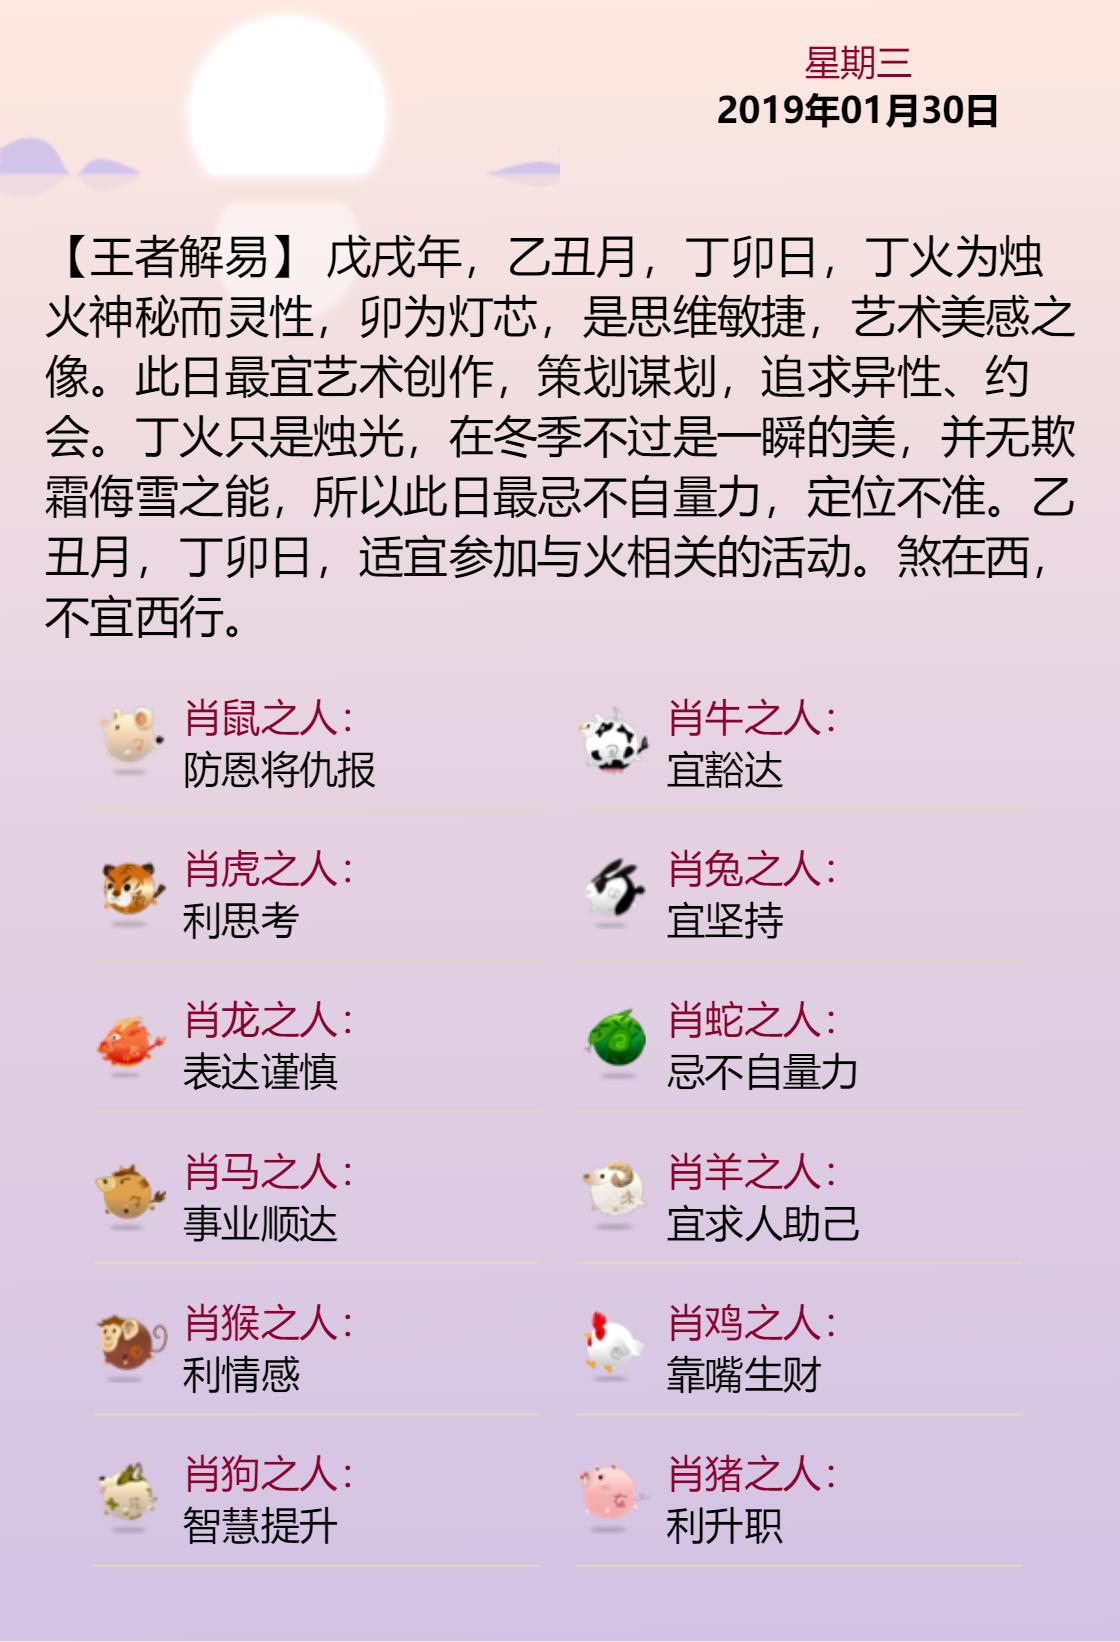 黄历海报20190130.png